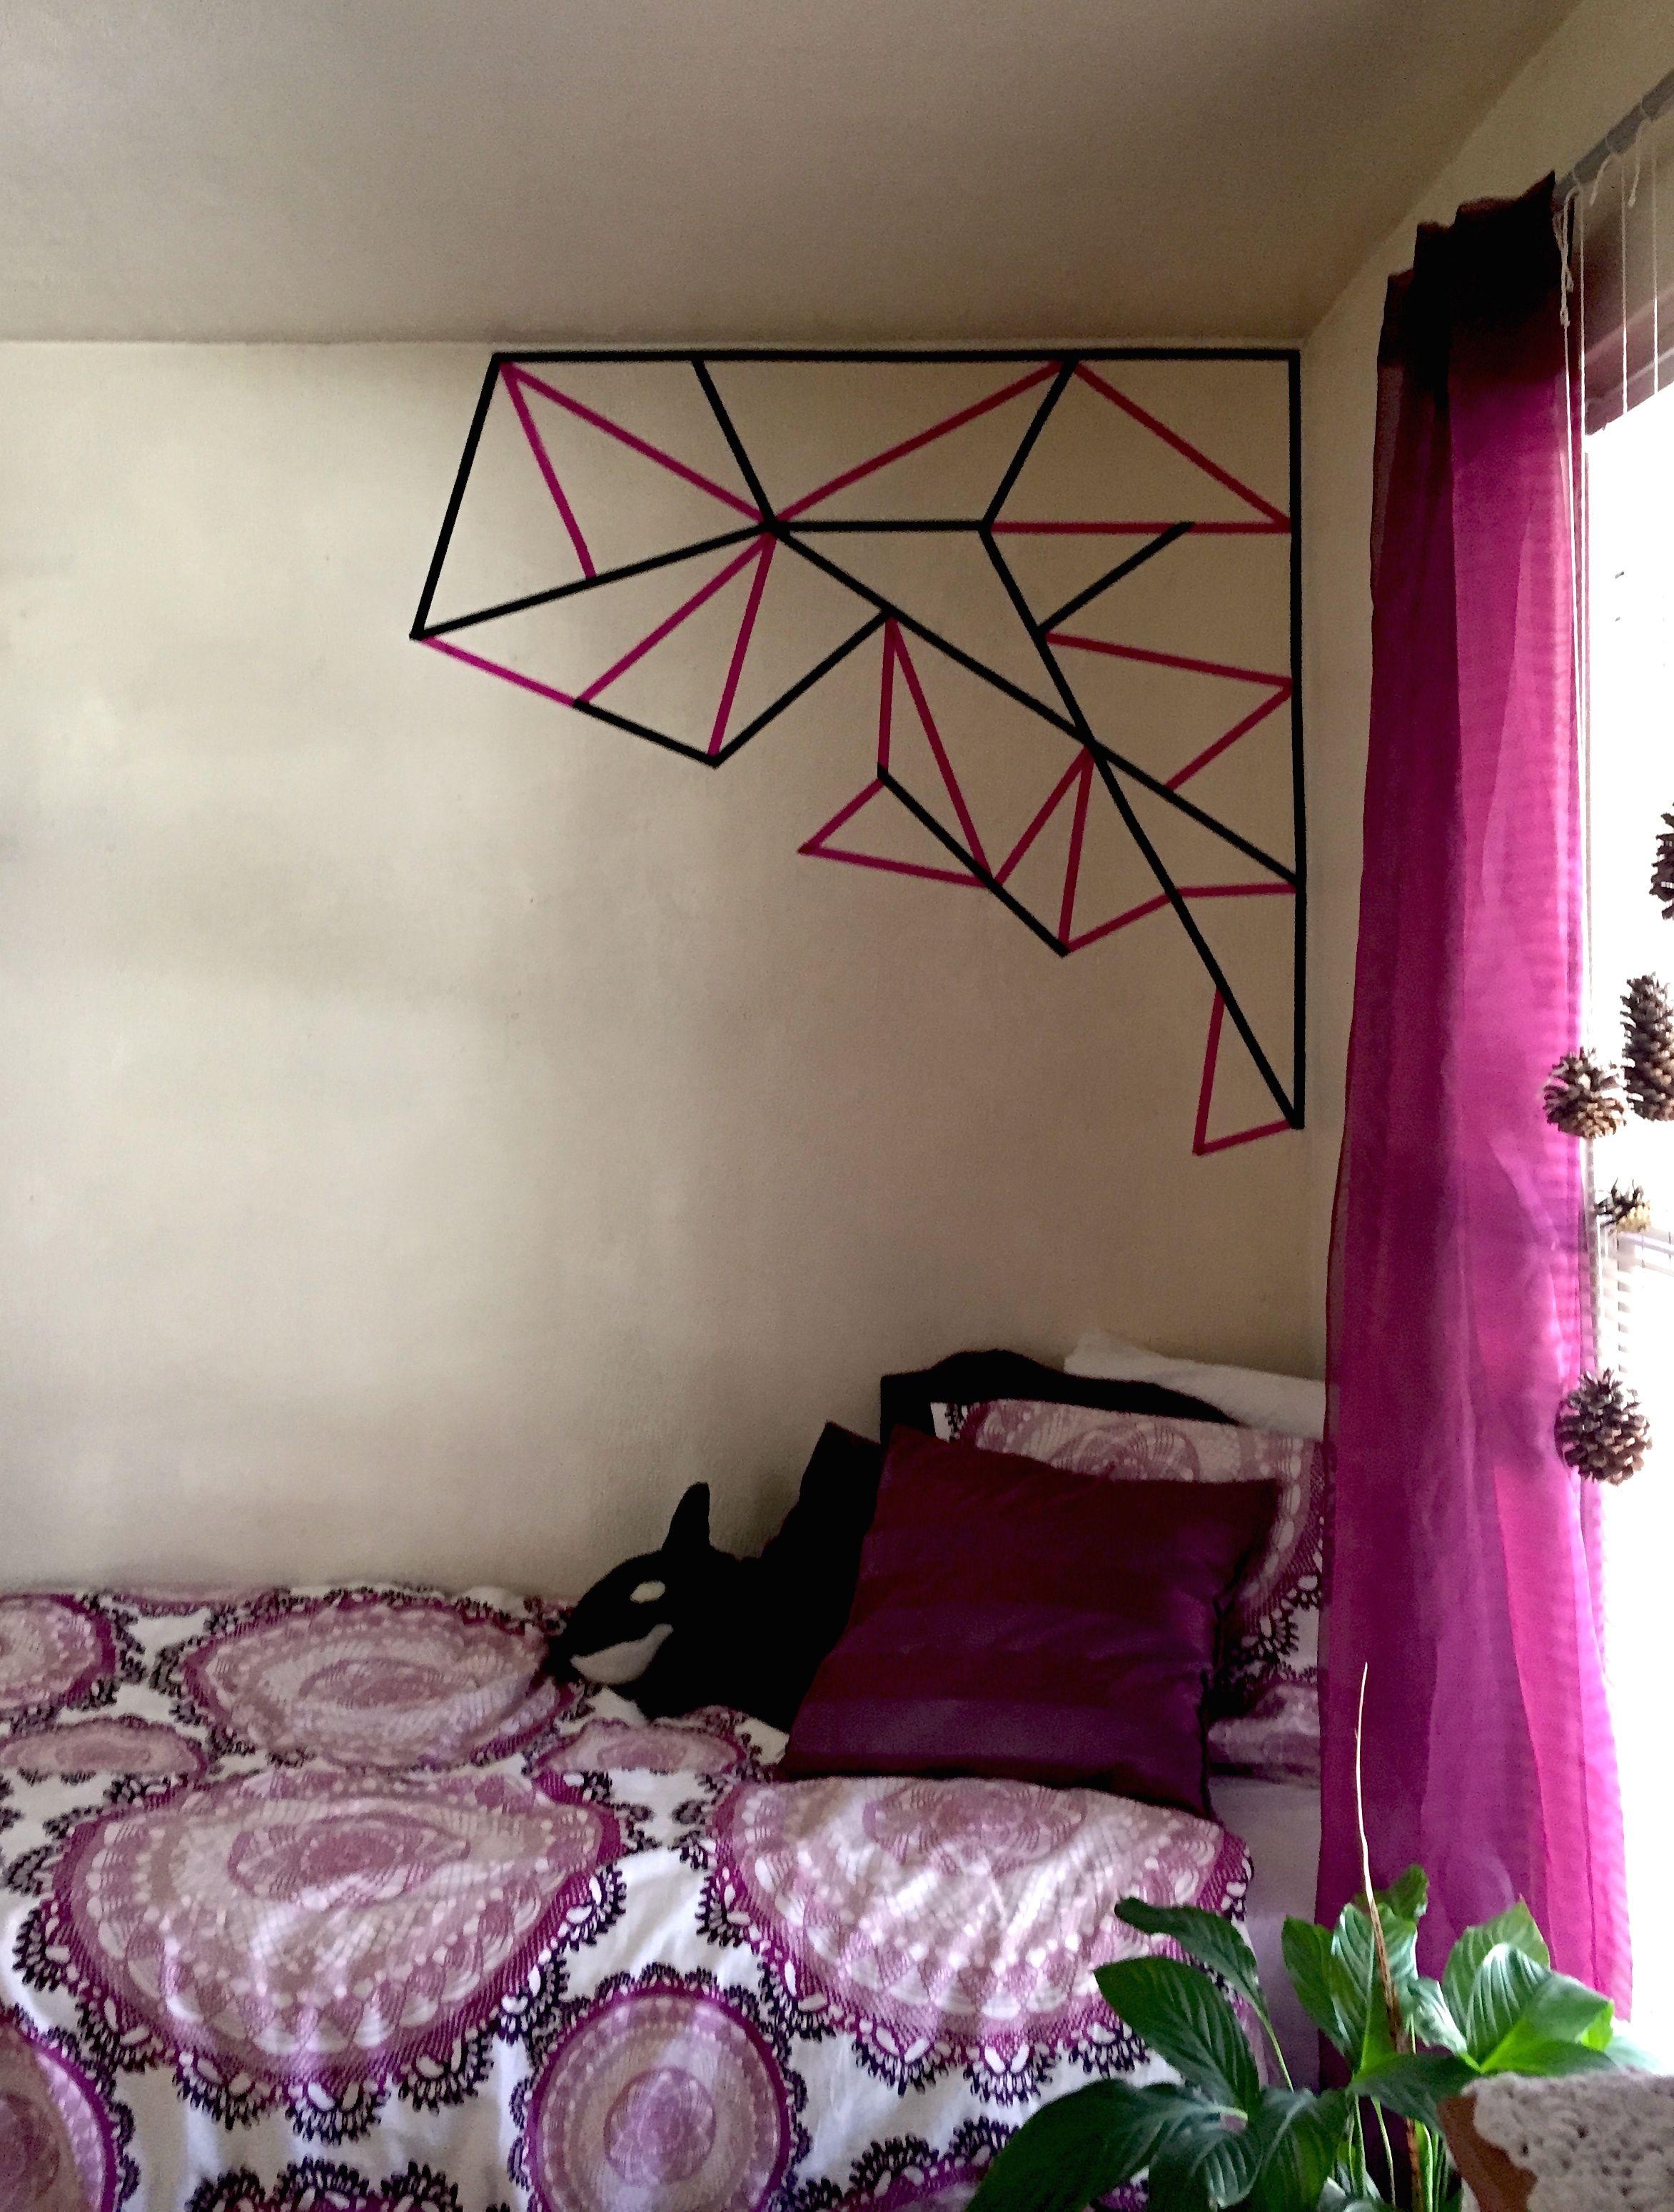 Easy washi tape wall art #washi #wallart #diy | washi tape ...